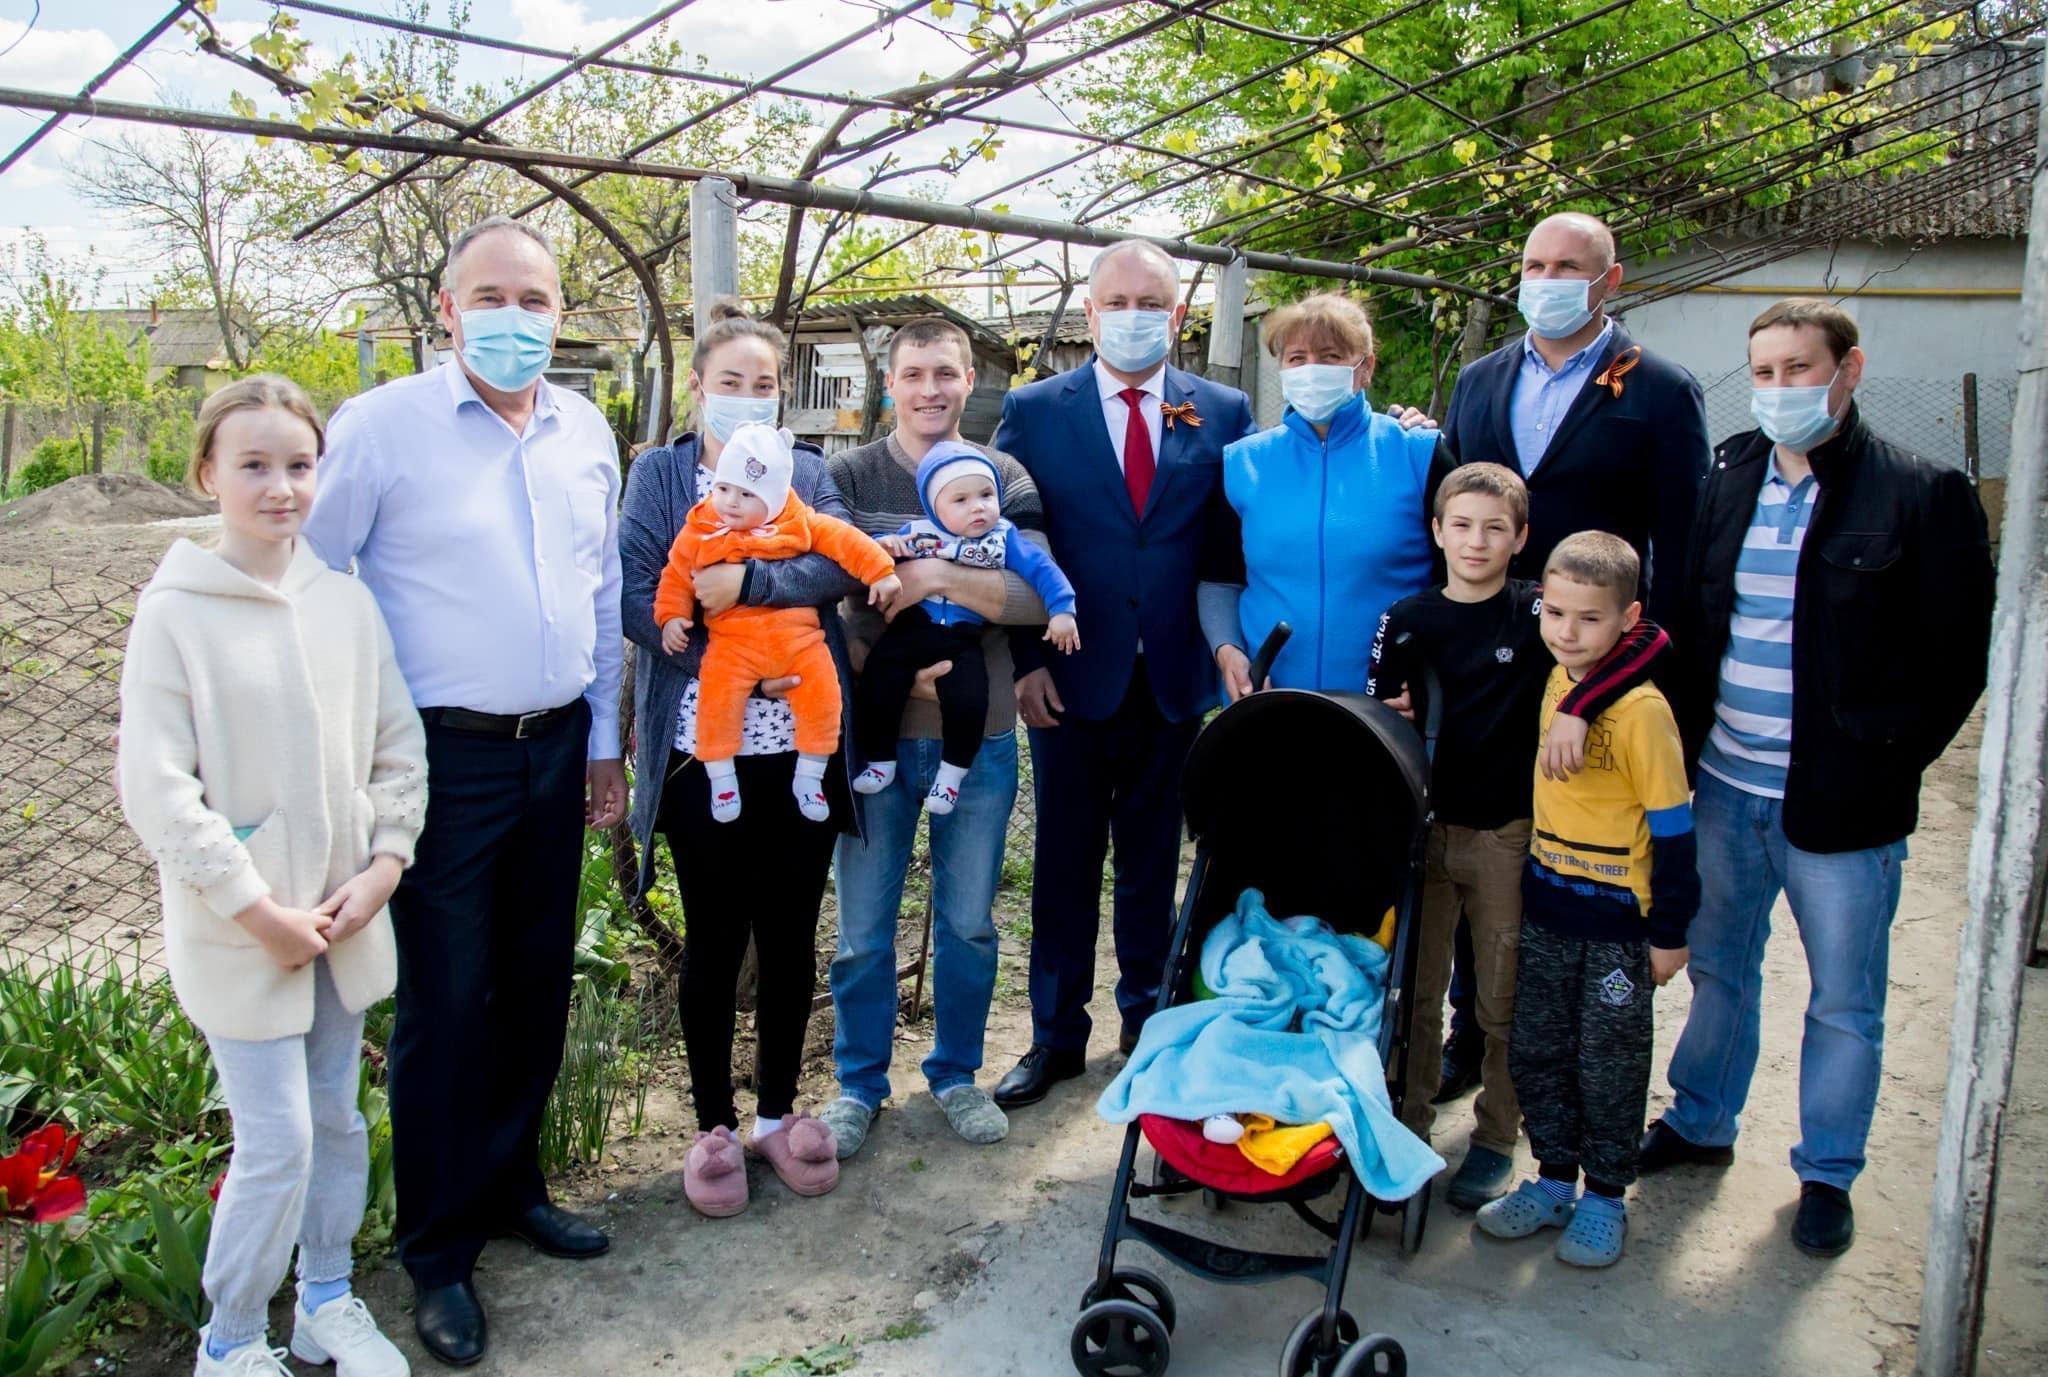 Додон помог ещё одной многодетной семье (ФОТО, ВИДЕО)